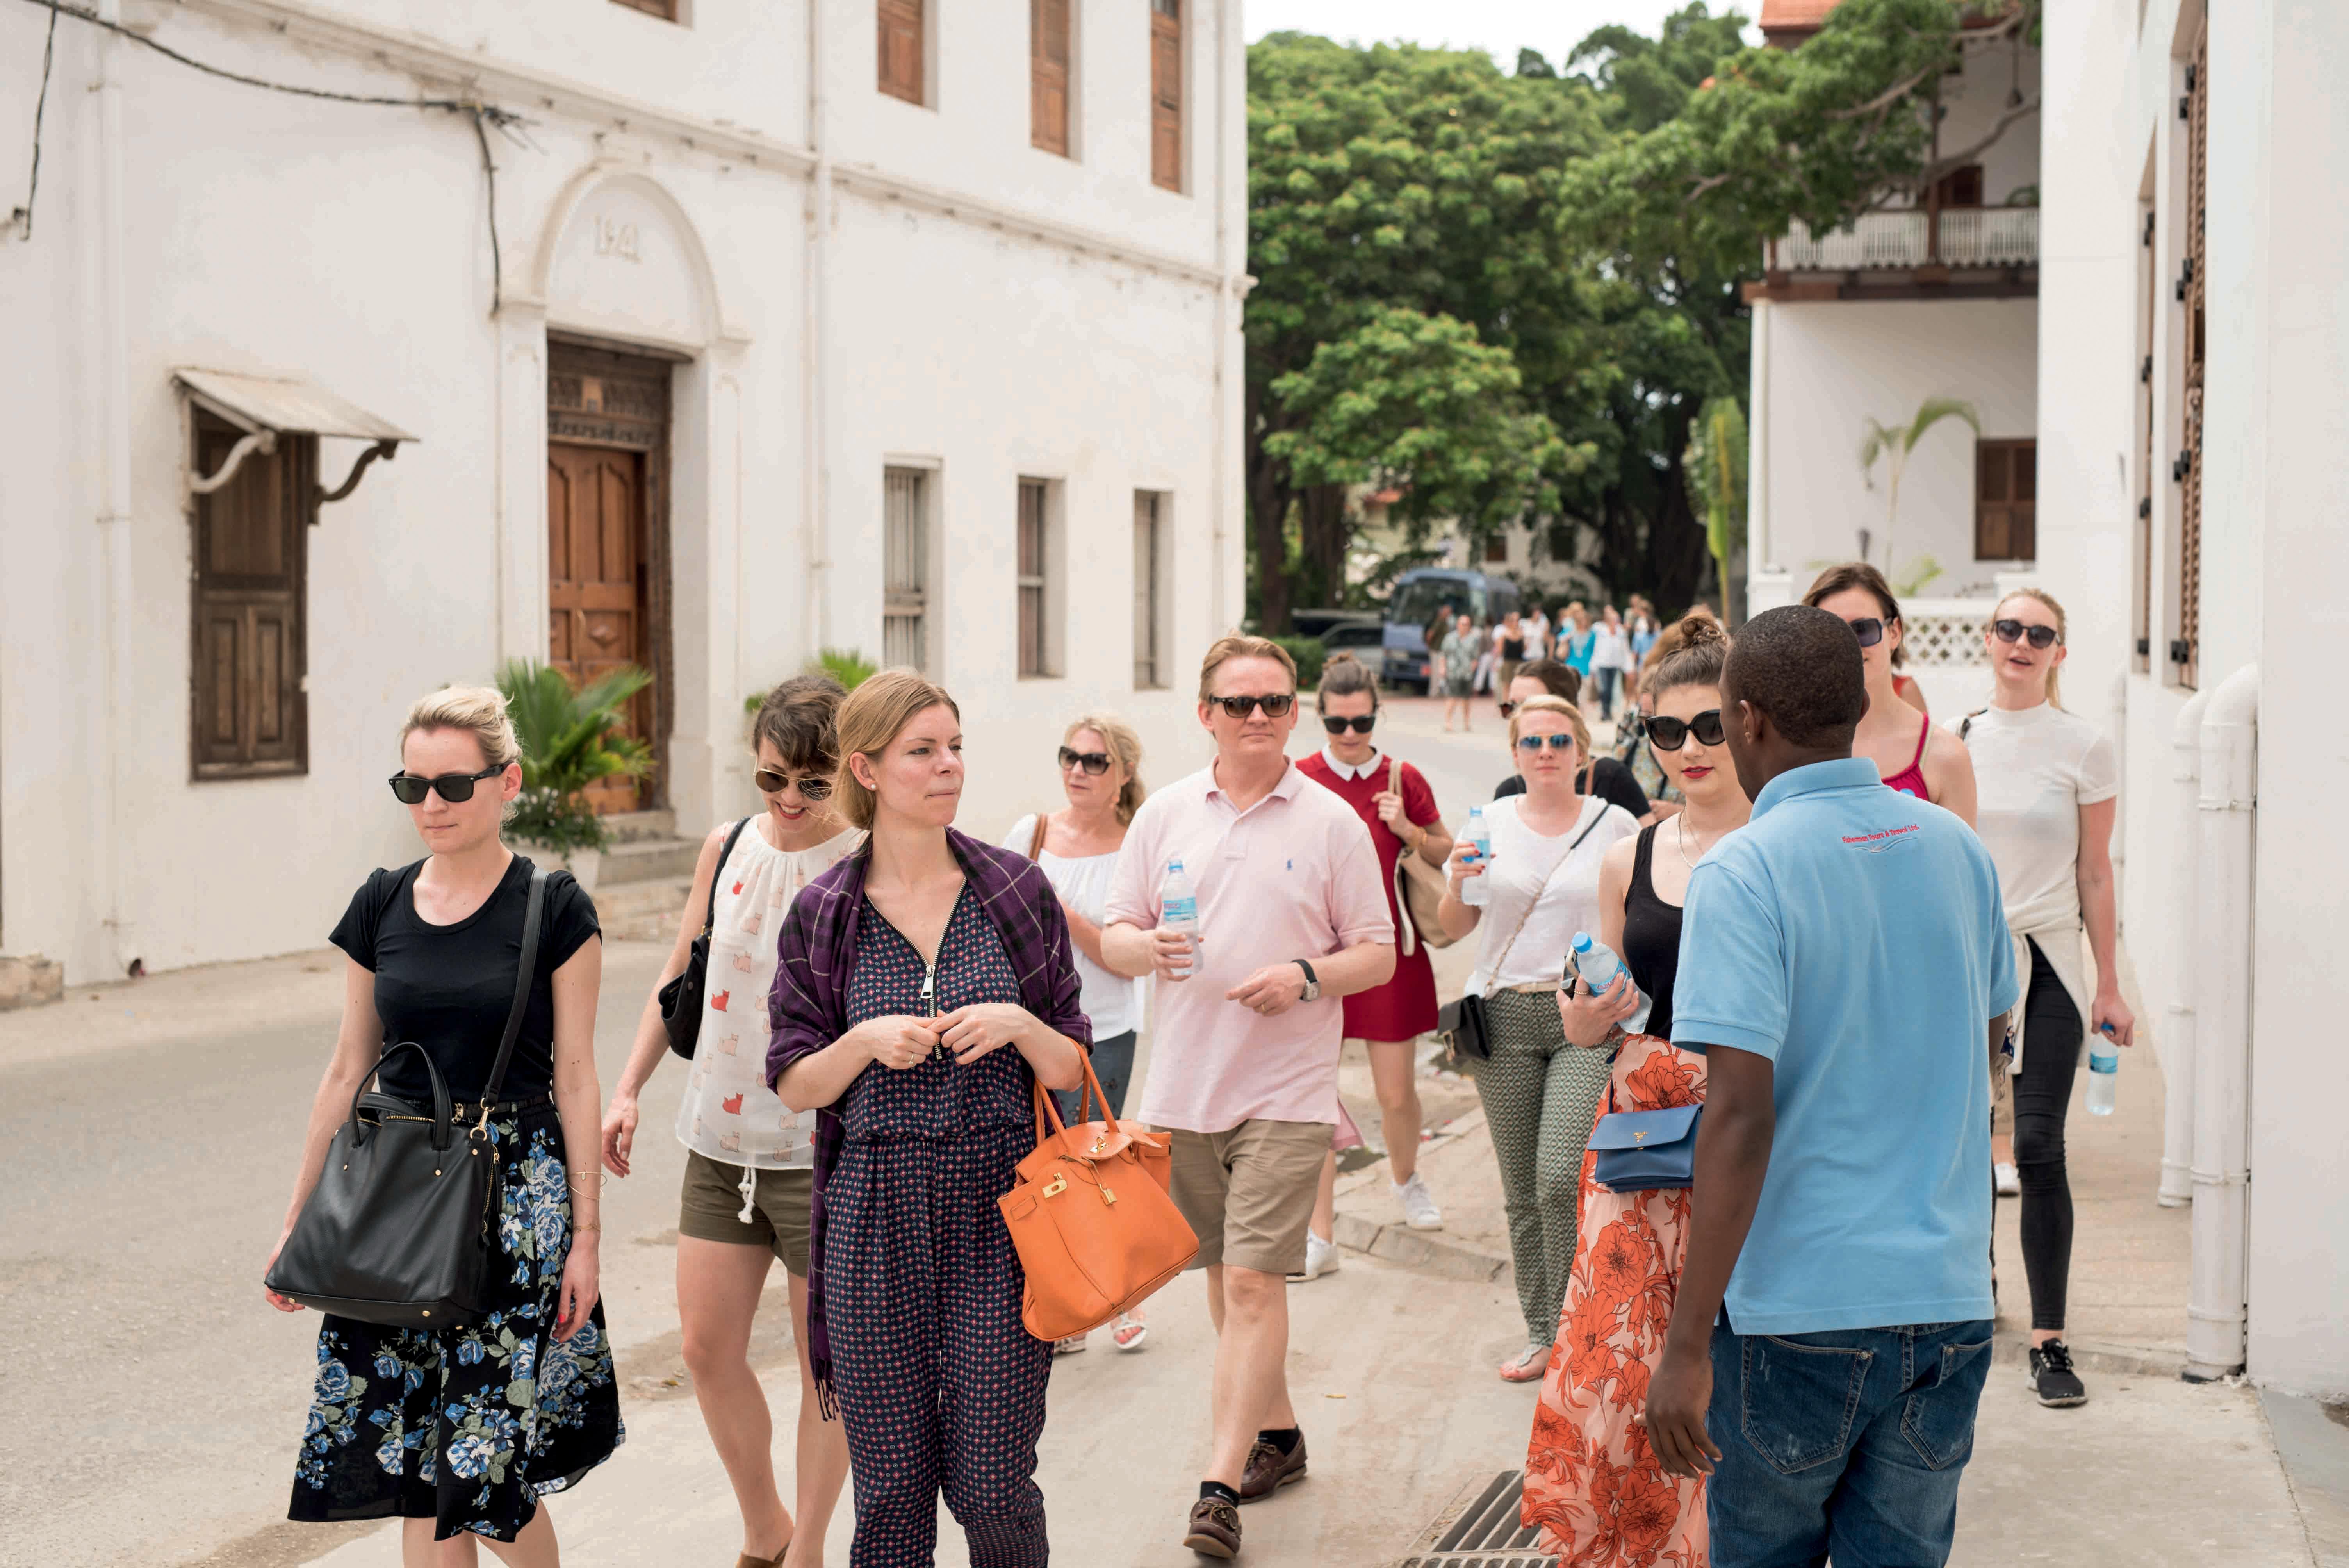 tour-guide-sightseeing-stone-town-zanzibar-tansania